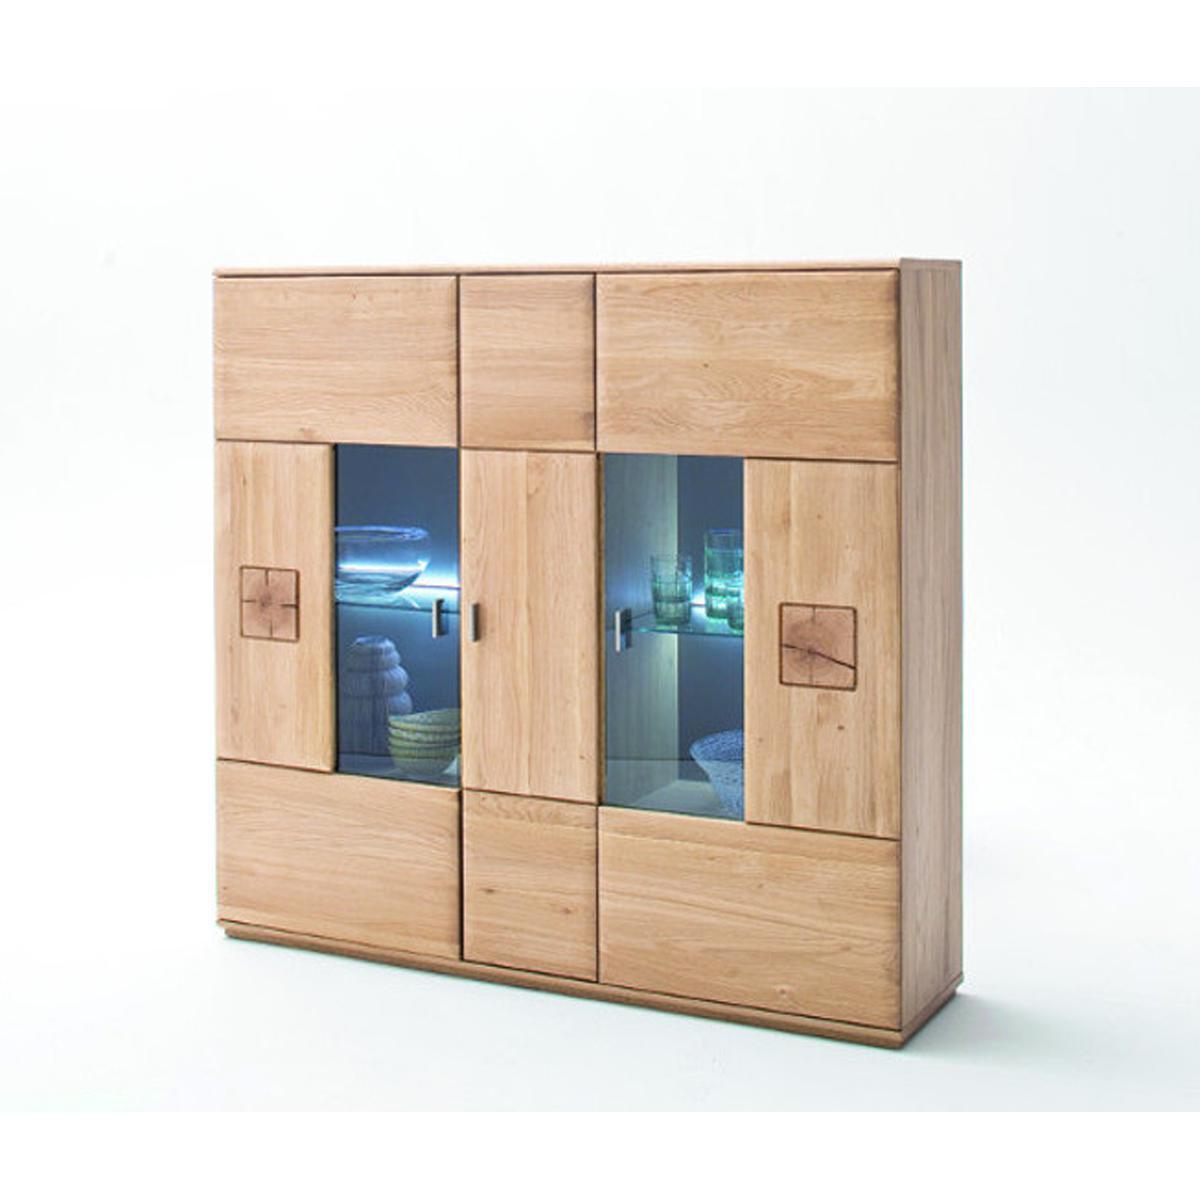 Pegane Buffet en bois chêne massif bianco + LED - L.150 x H.141 x P.38 cm